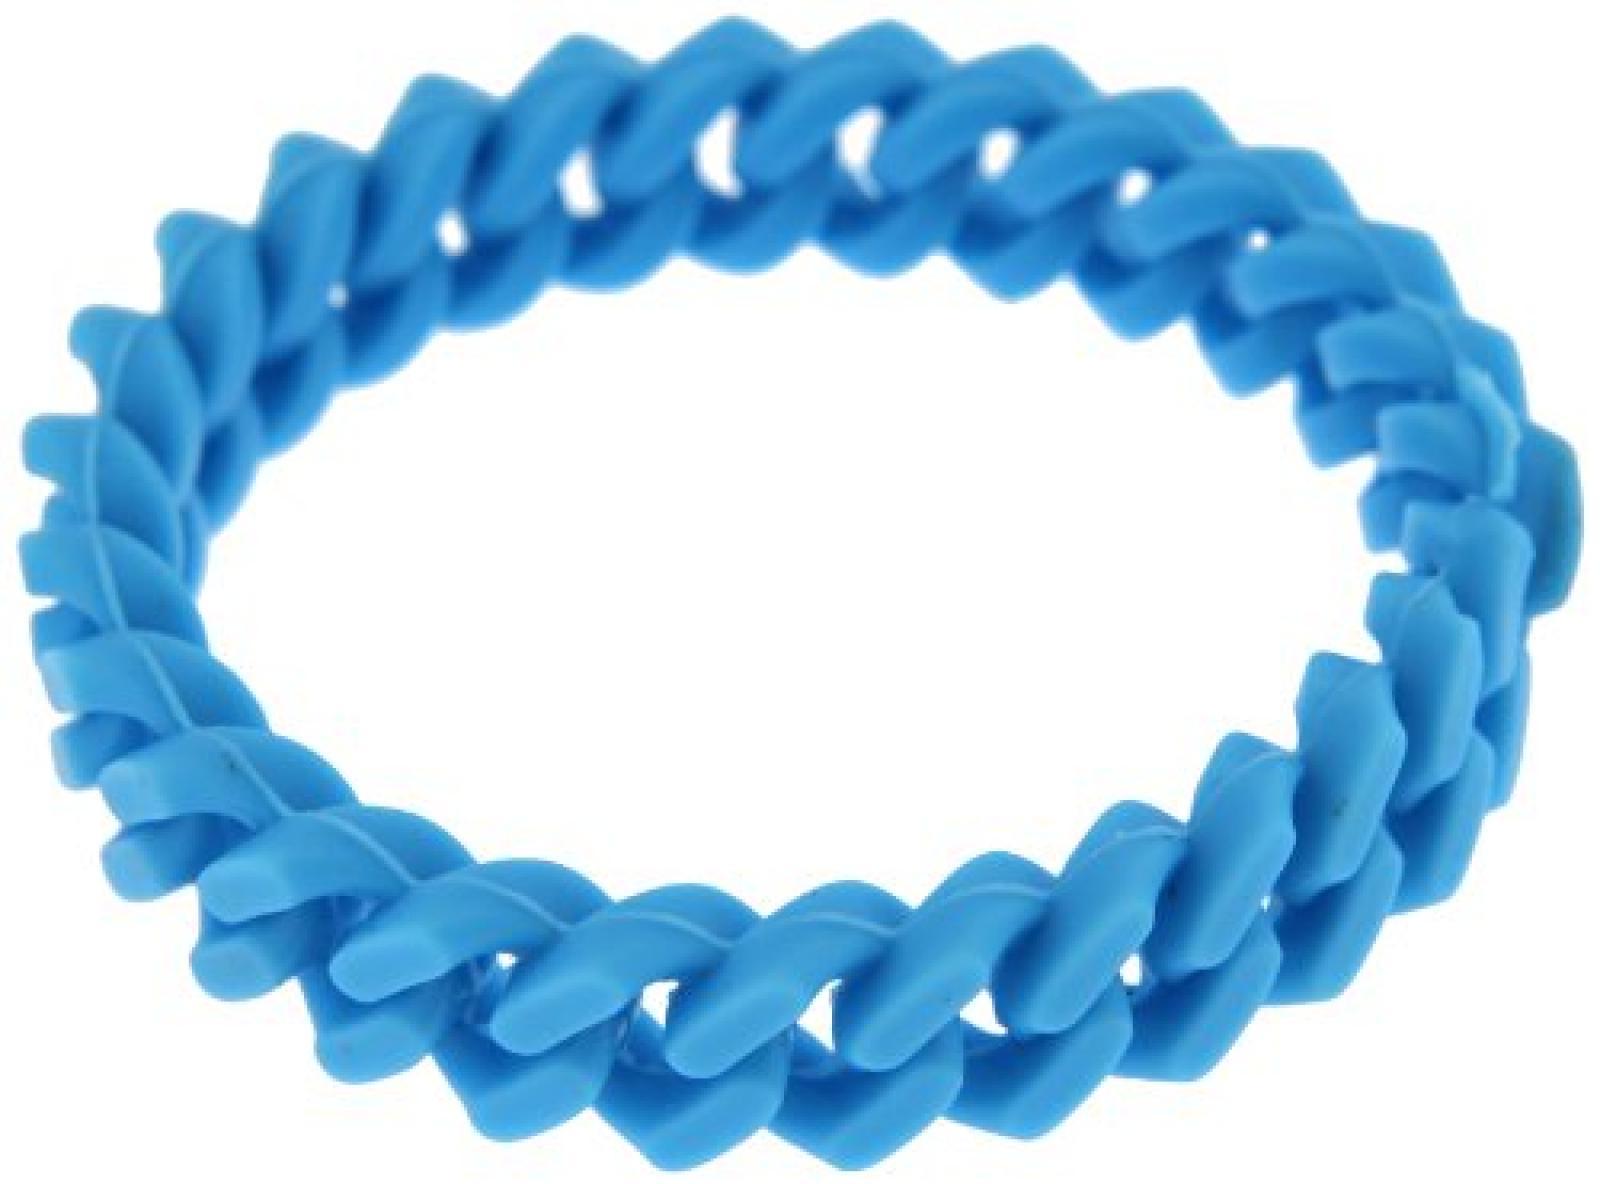 Kettenworld Unisex Armband 18.0 cm blau 334610